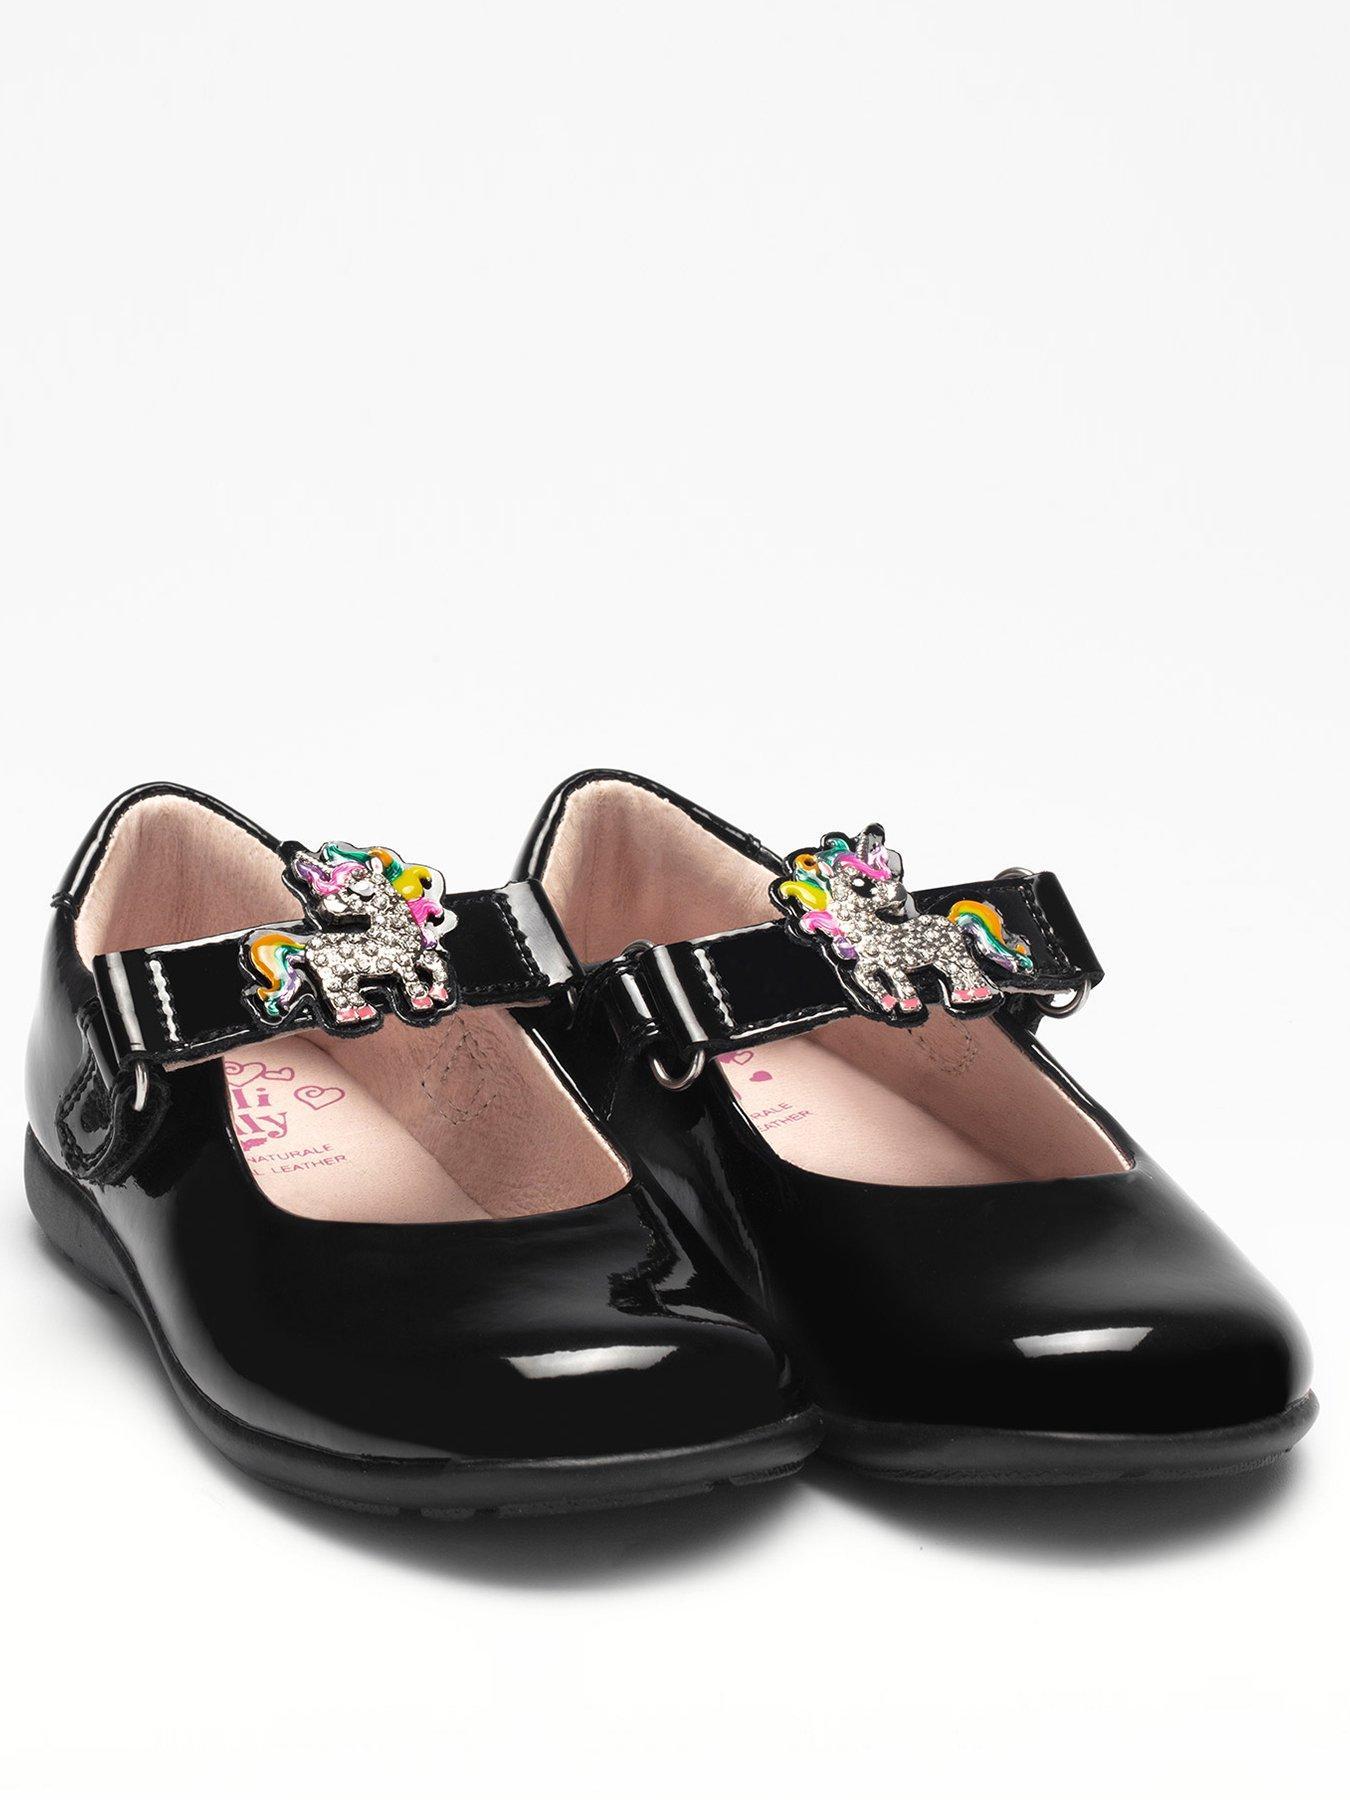 Lelli Kelly Shoes   Lelli Kelly School